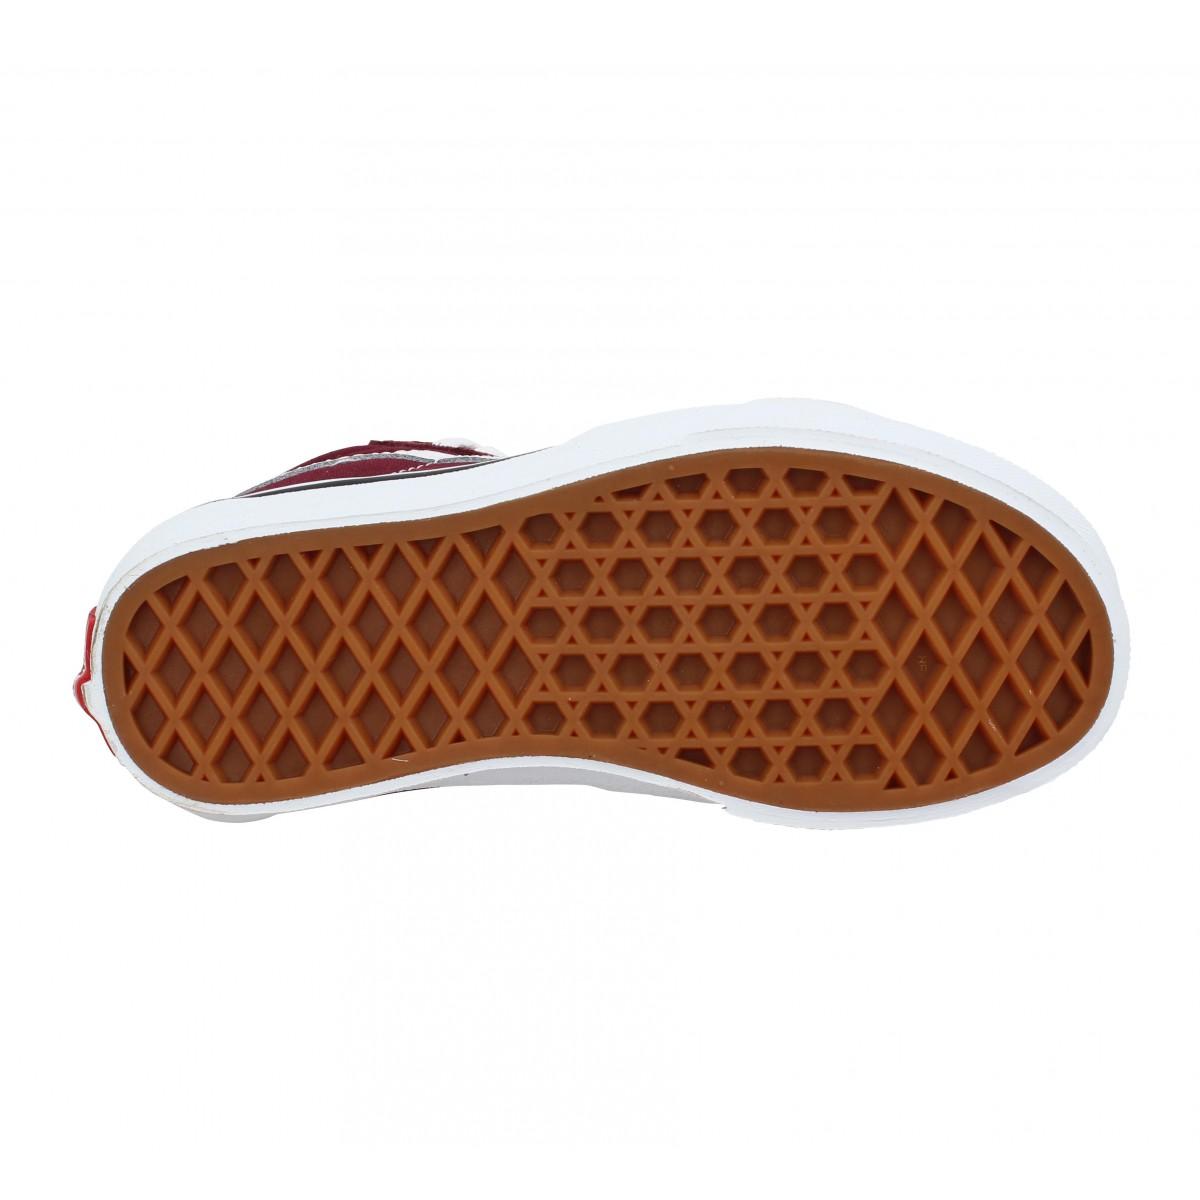 Chaussures Vans sk8 hi velours toile enfant bordeaux enfants ...